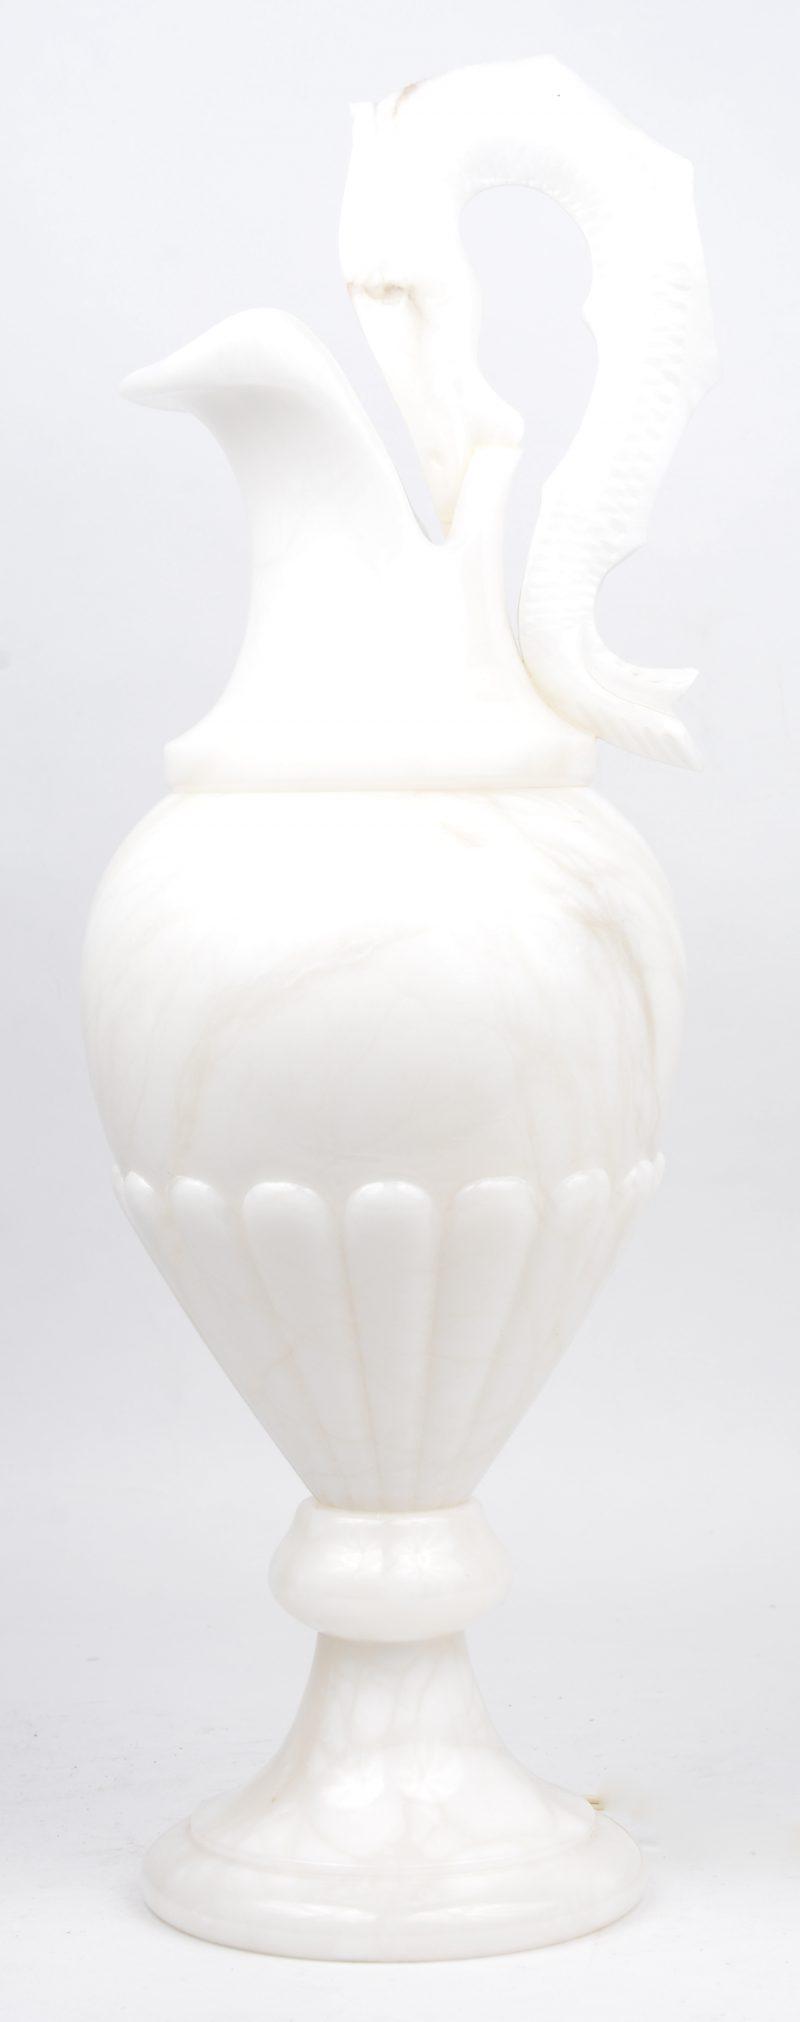 Een albasten lampvoet.